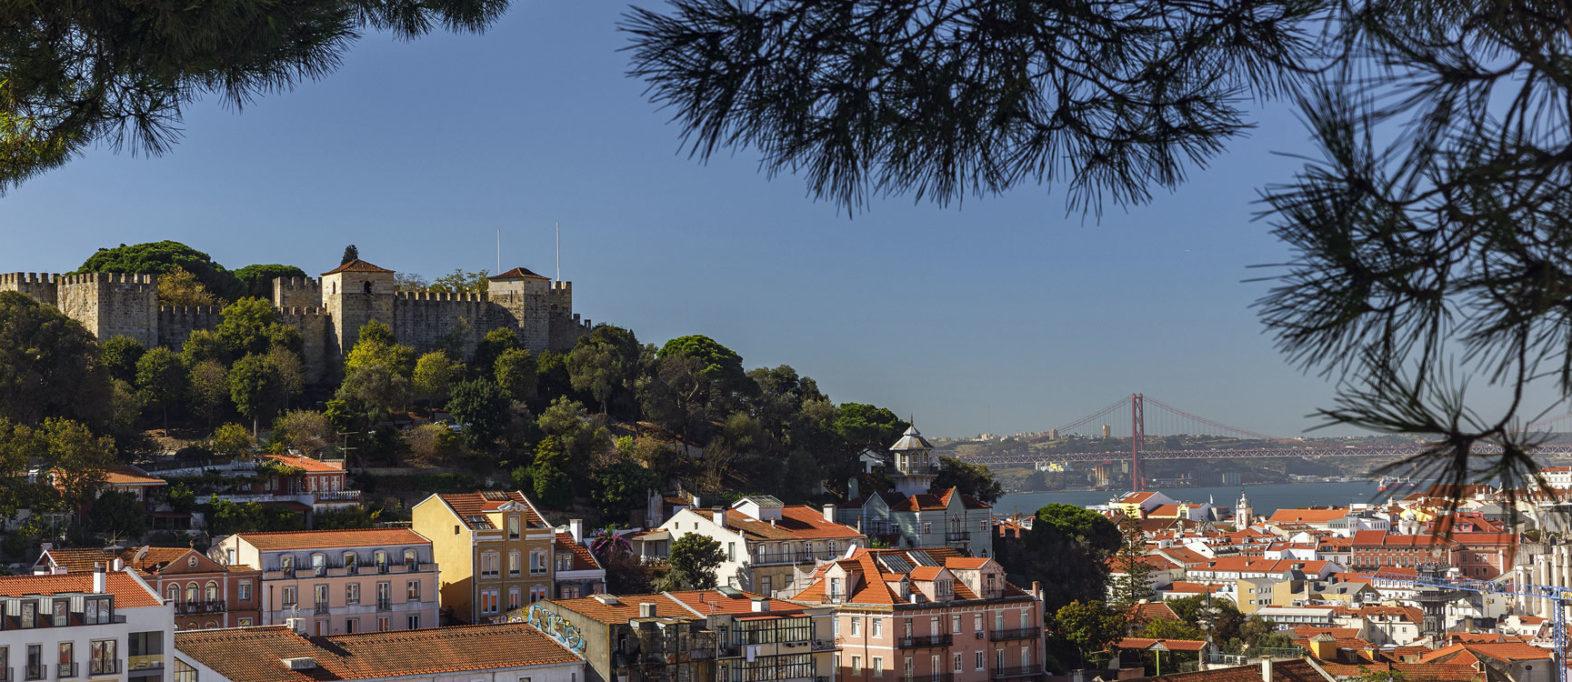 Lissabon Sehenswürdigkeiten Aussichten